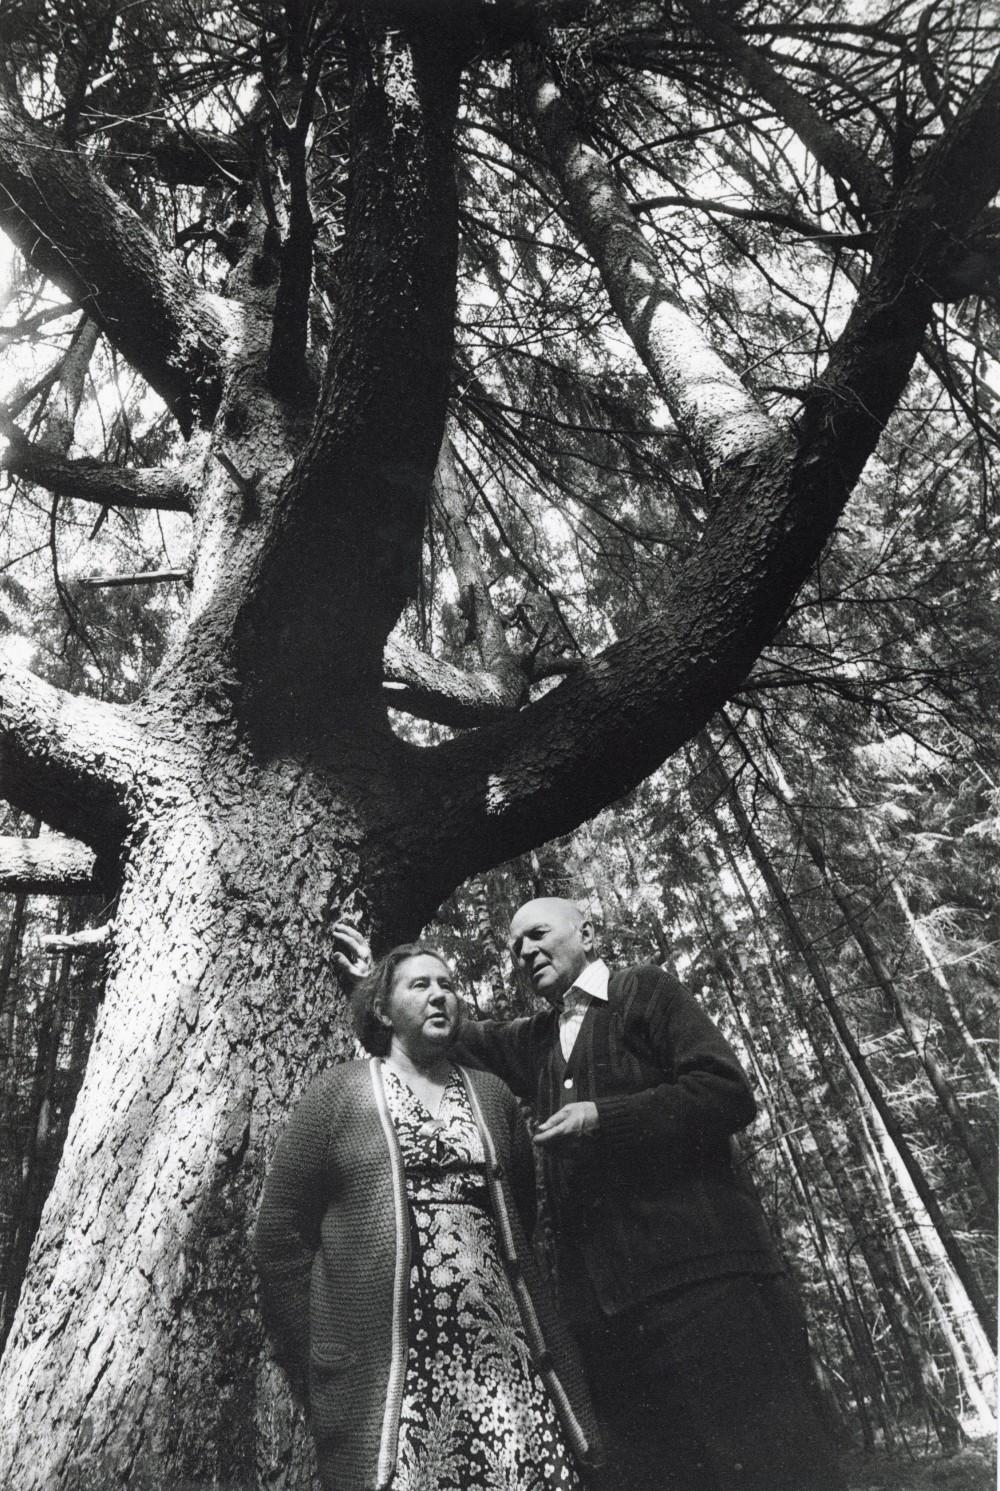 M. Mironaitė ir J. Baltušis Paalksnio kaime. 1985 m. R. Rakausko nuotr.